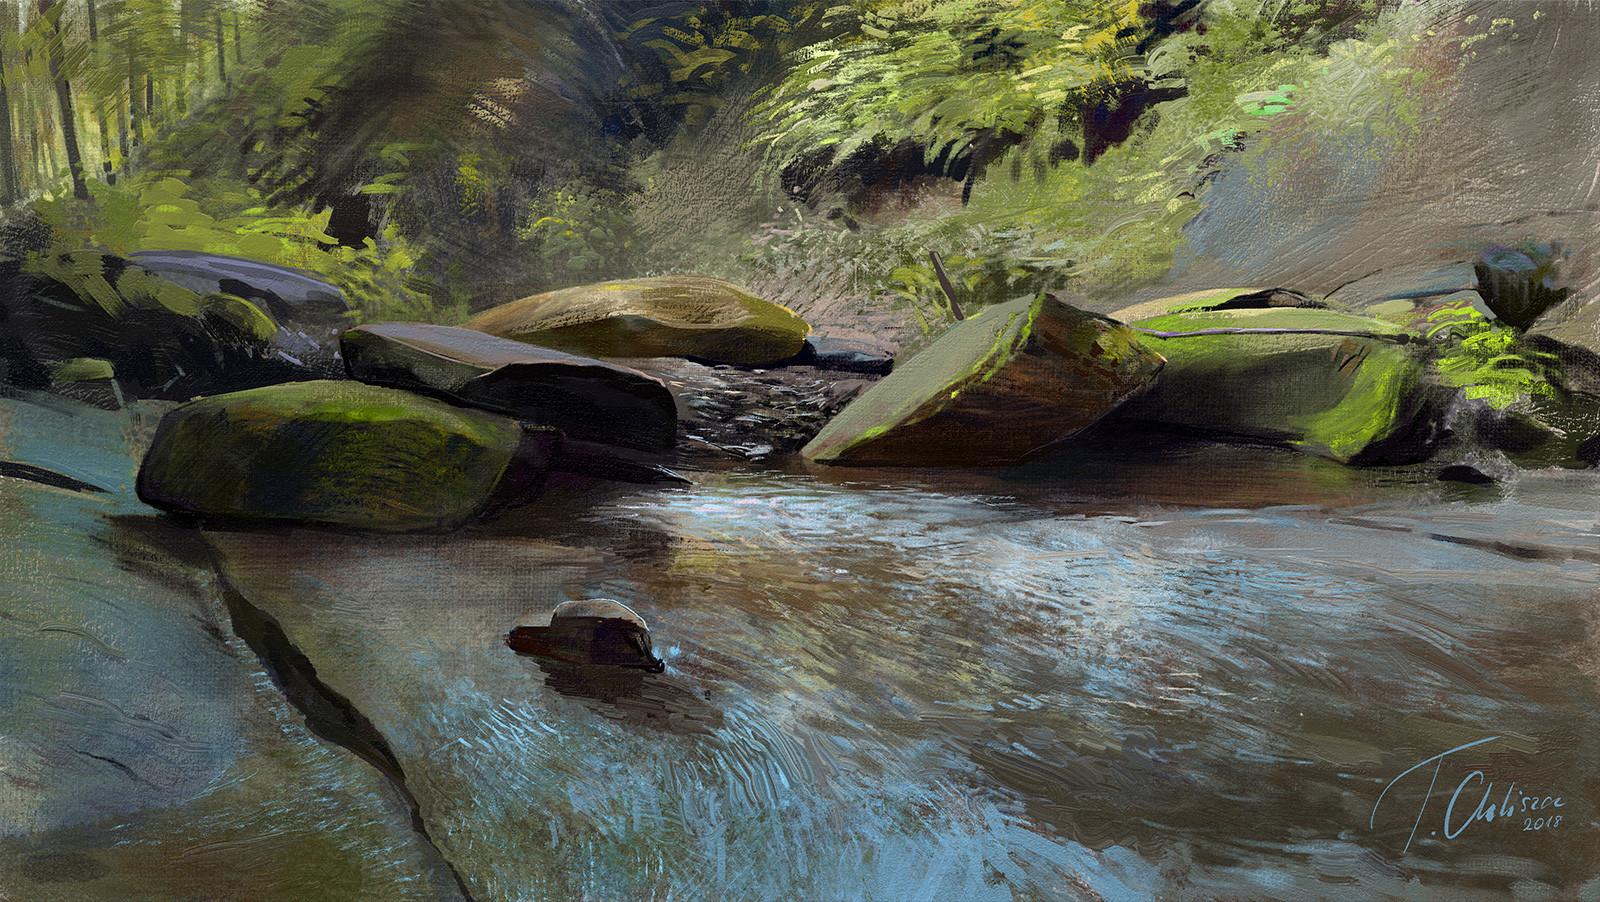 Tymoteusz chliszcz landscape85 by chliszcz